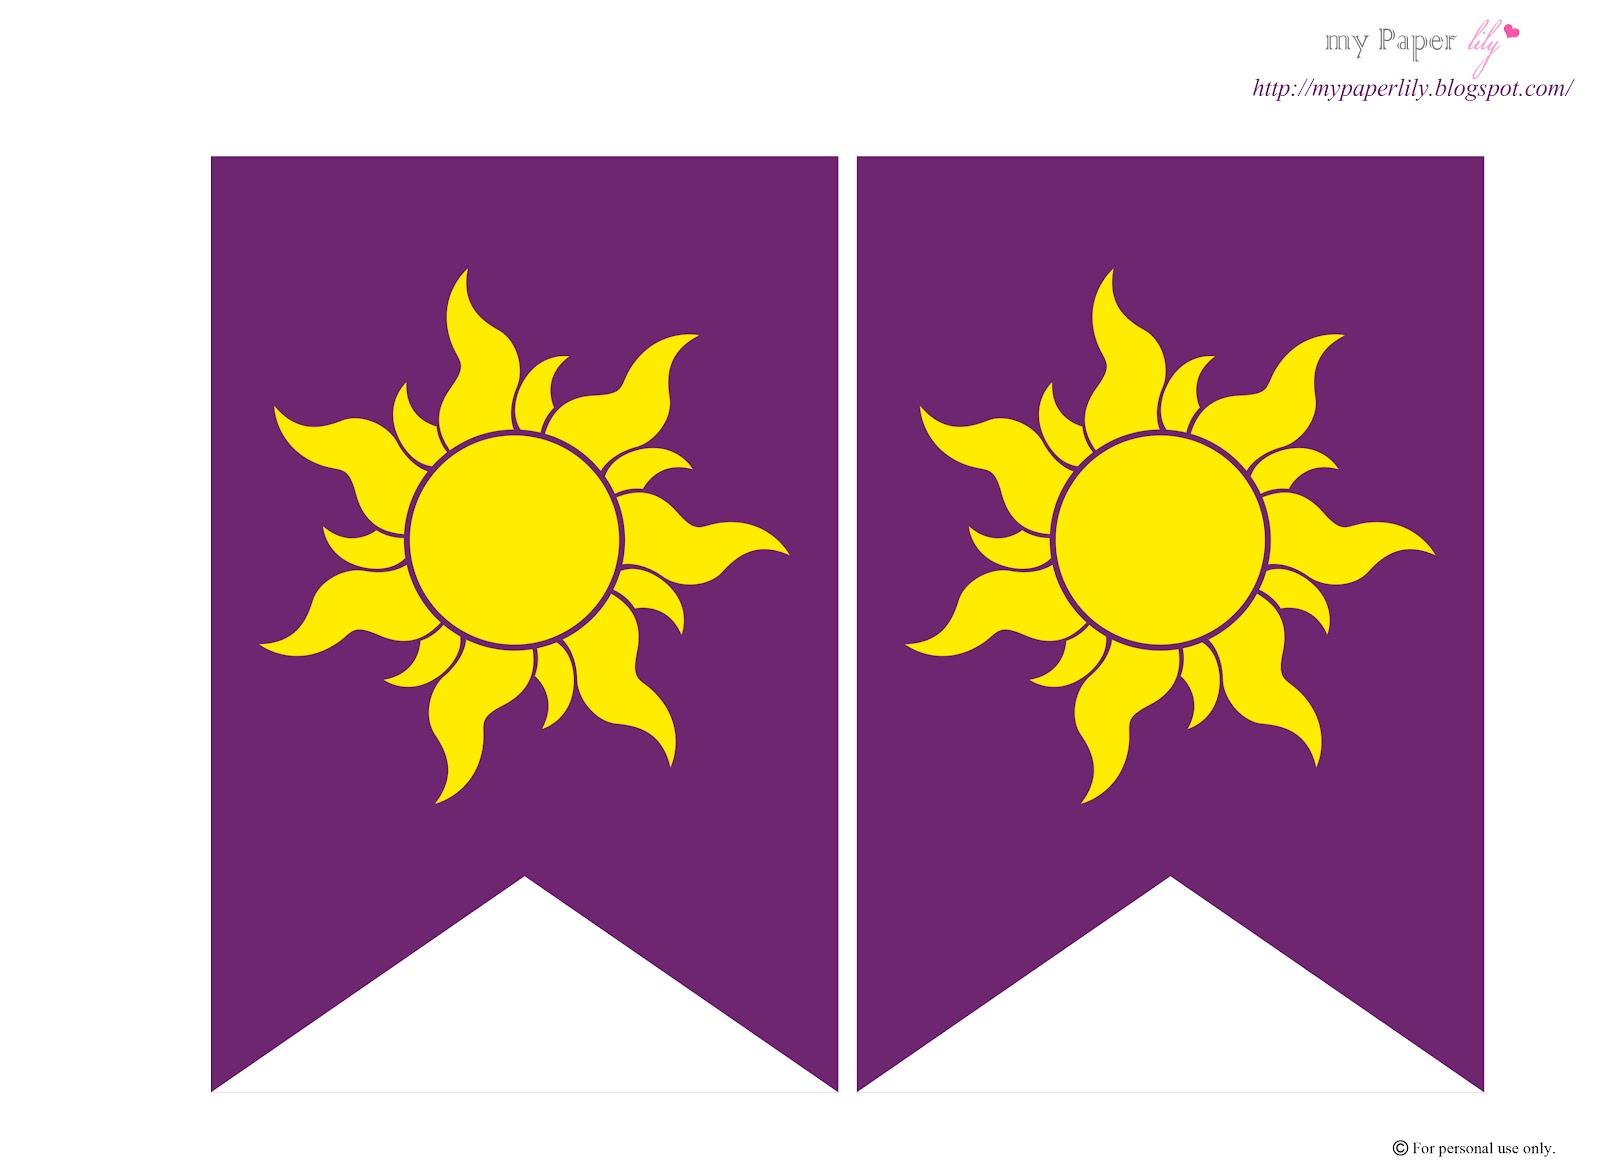 Флаг солнца из рапунцель запутанная история